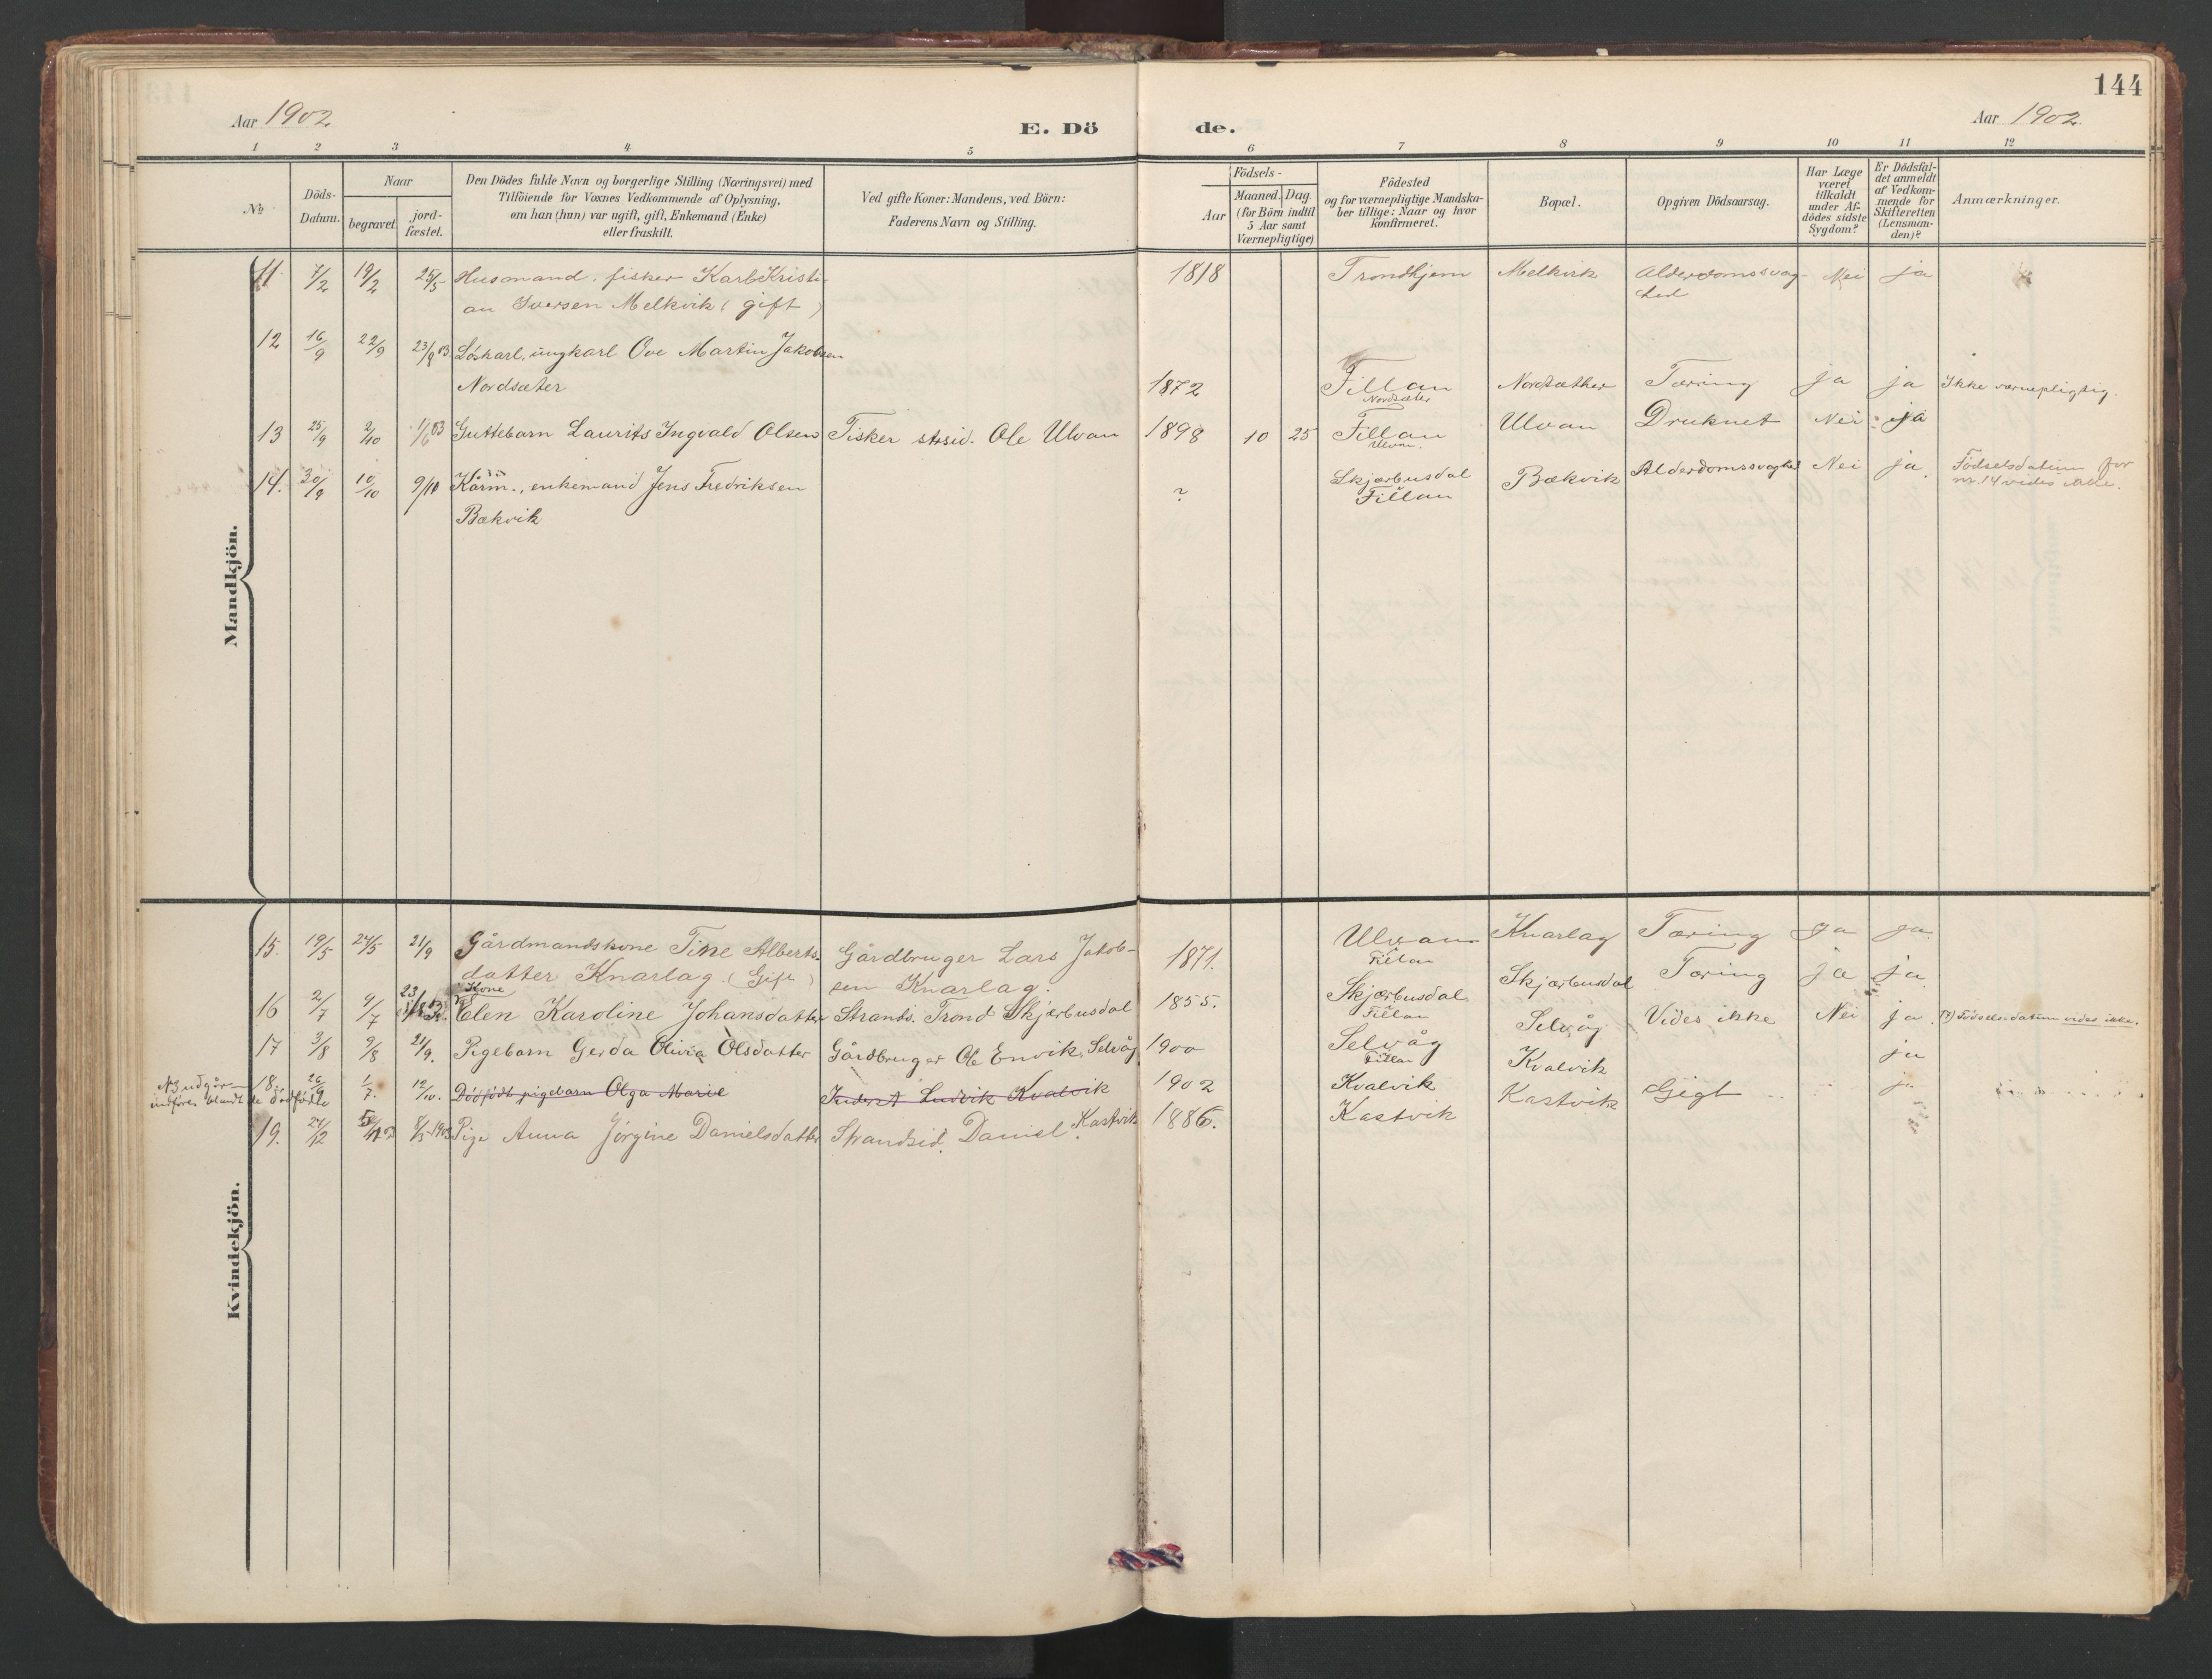 SAT, Ministerialprotokoller, klokkerbøker og fødselsregistre - Sør-Trøndelag, 638/L0571: Klokkerbok nr. 638C03, 1901-1930, s. 144